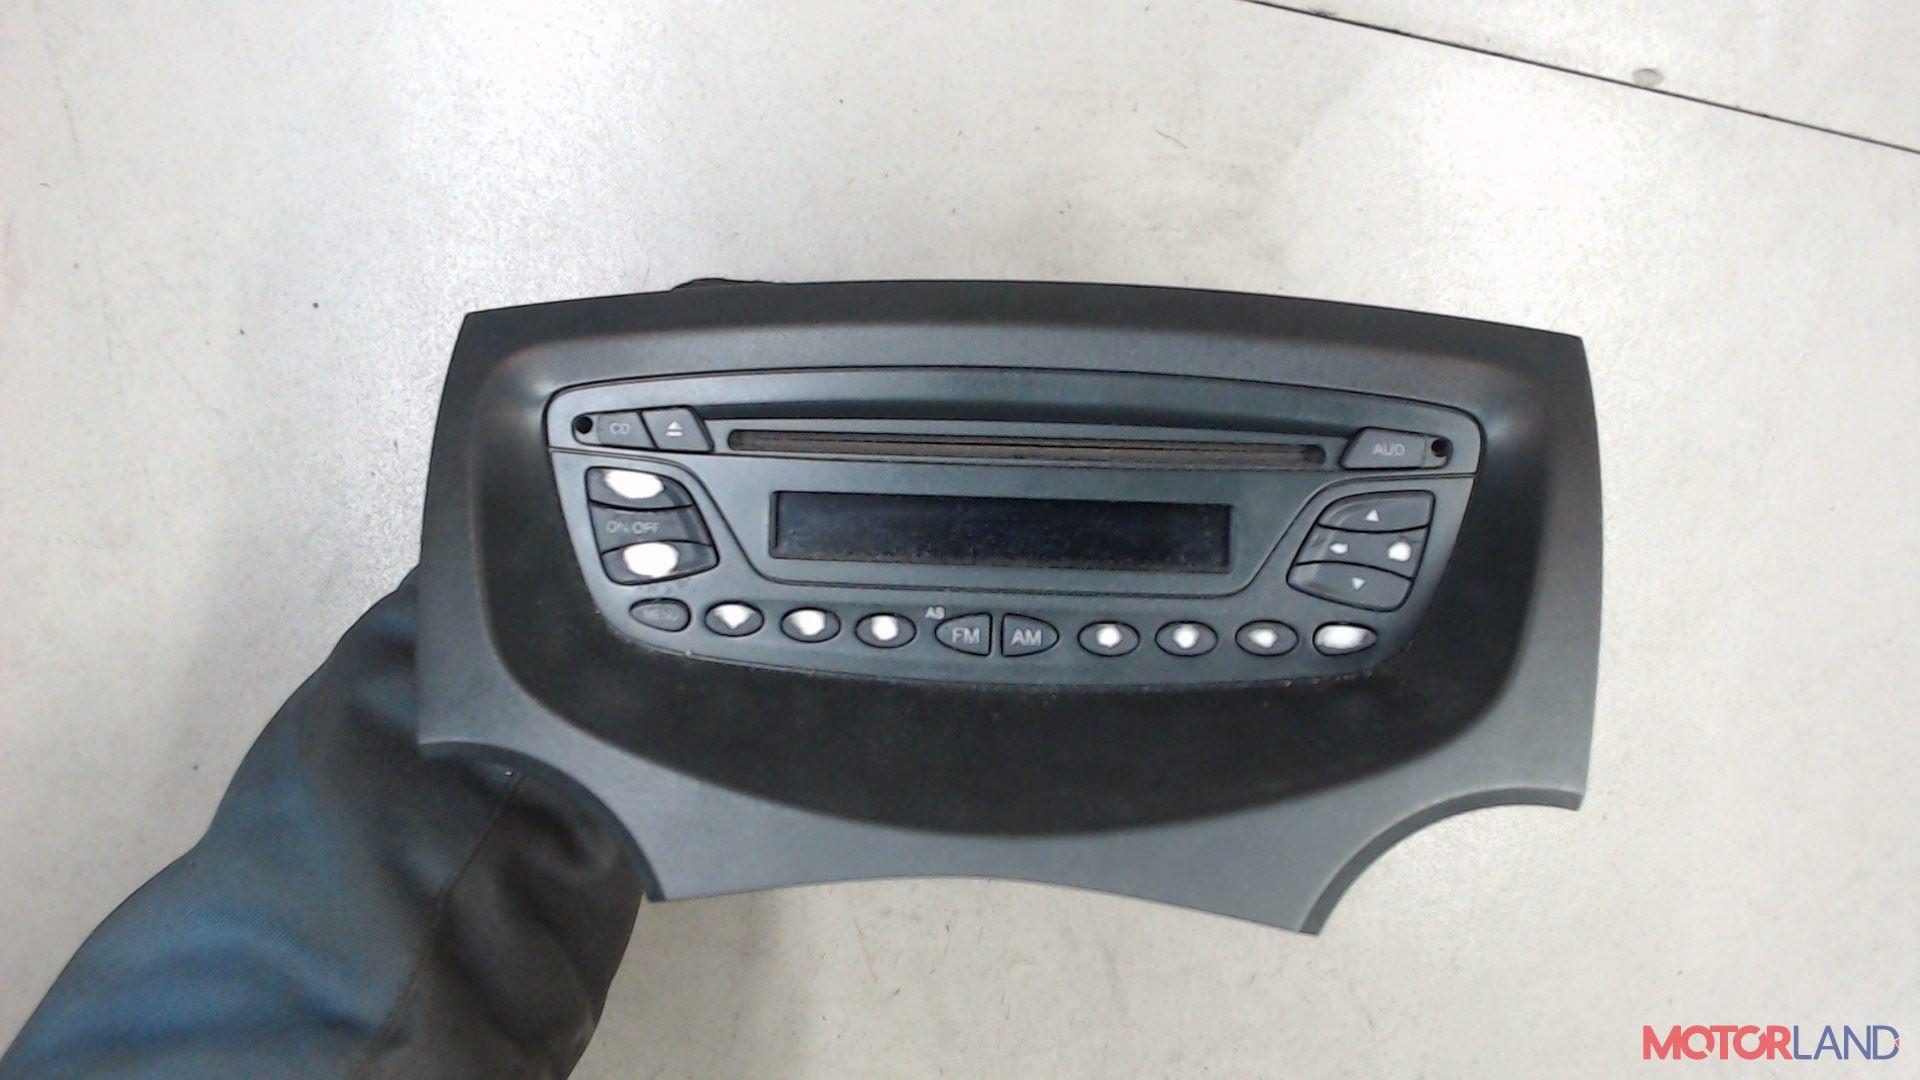 Магнитола Ford Ka 2009-2016 1.2 л. 2009 169 A.4000 б/у #1